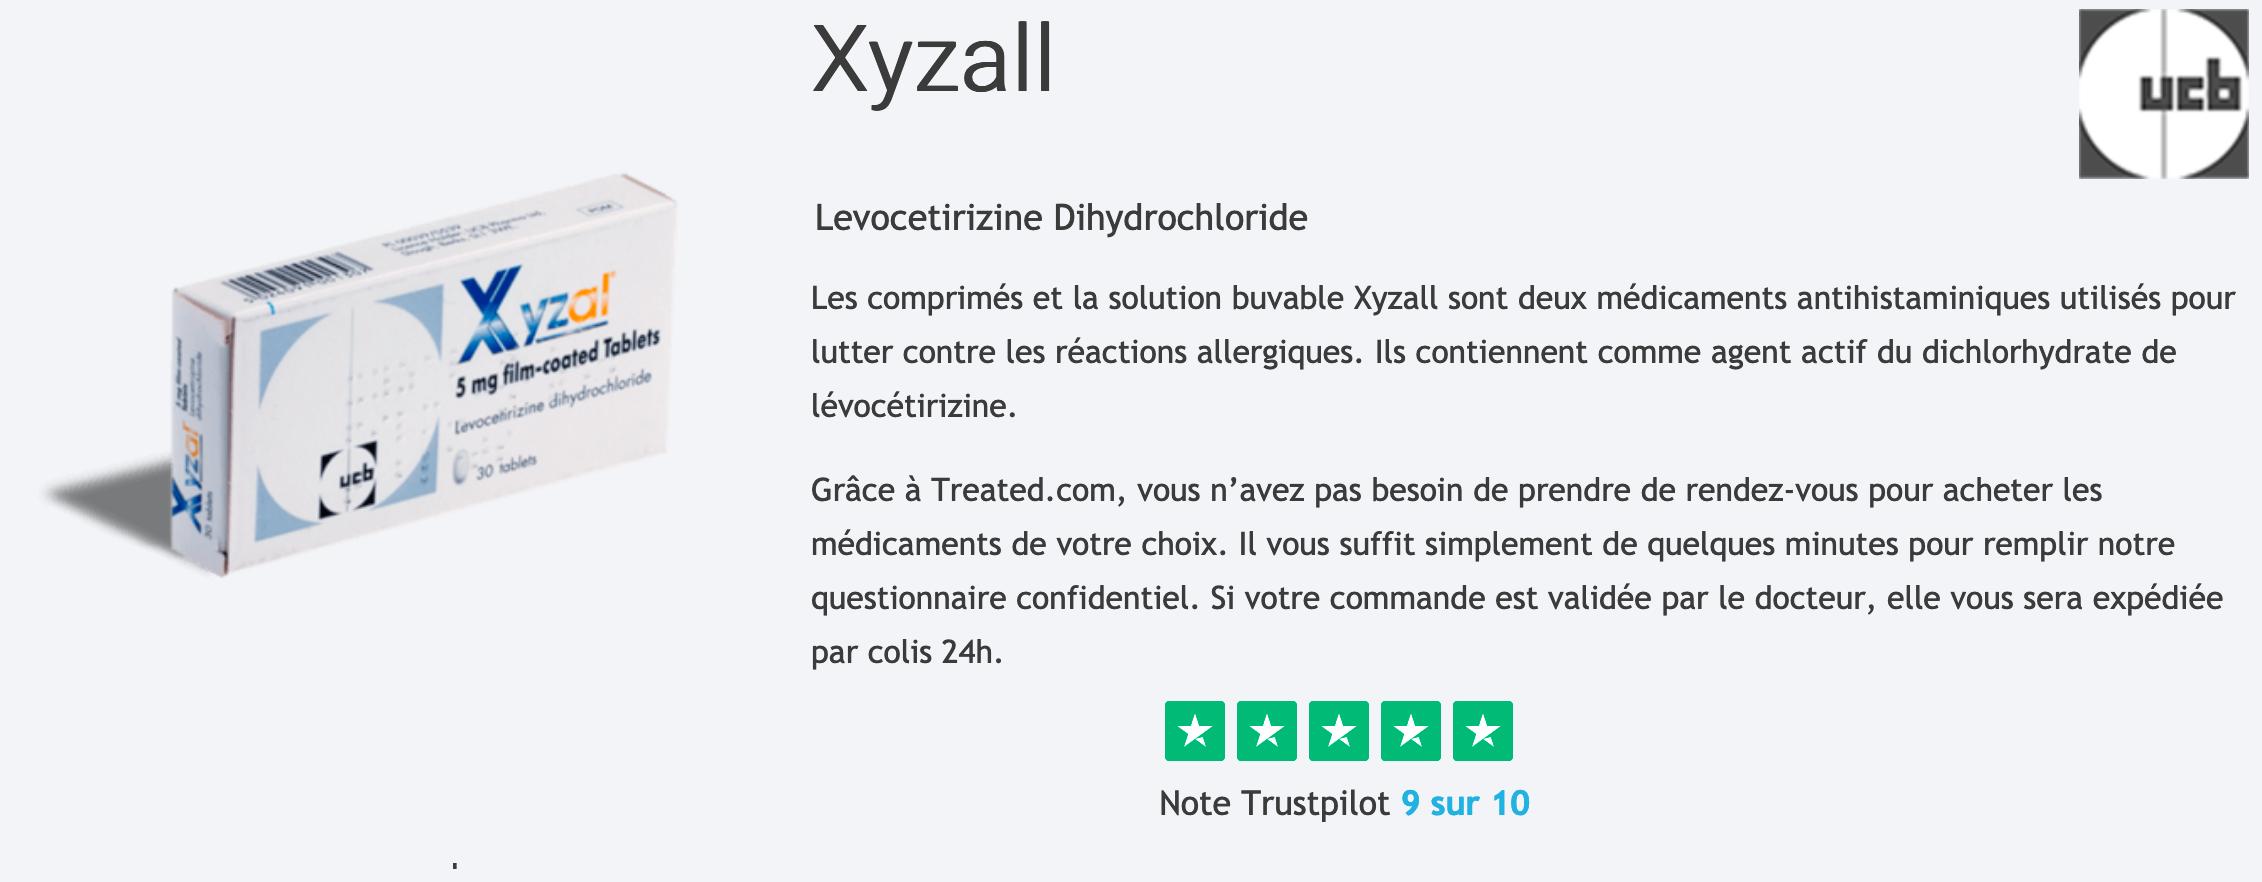 Xyzall